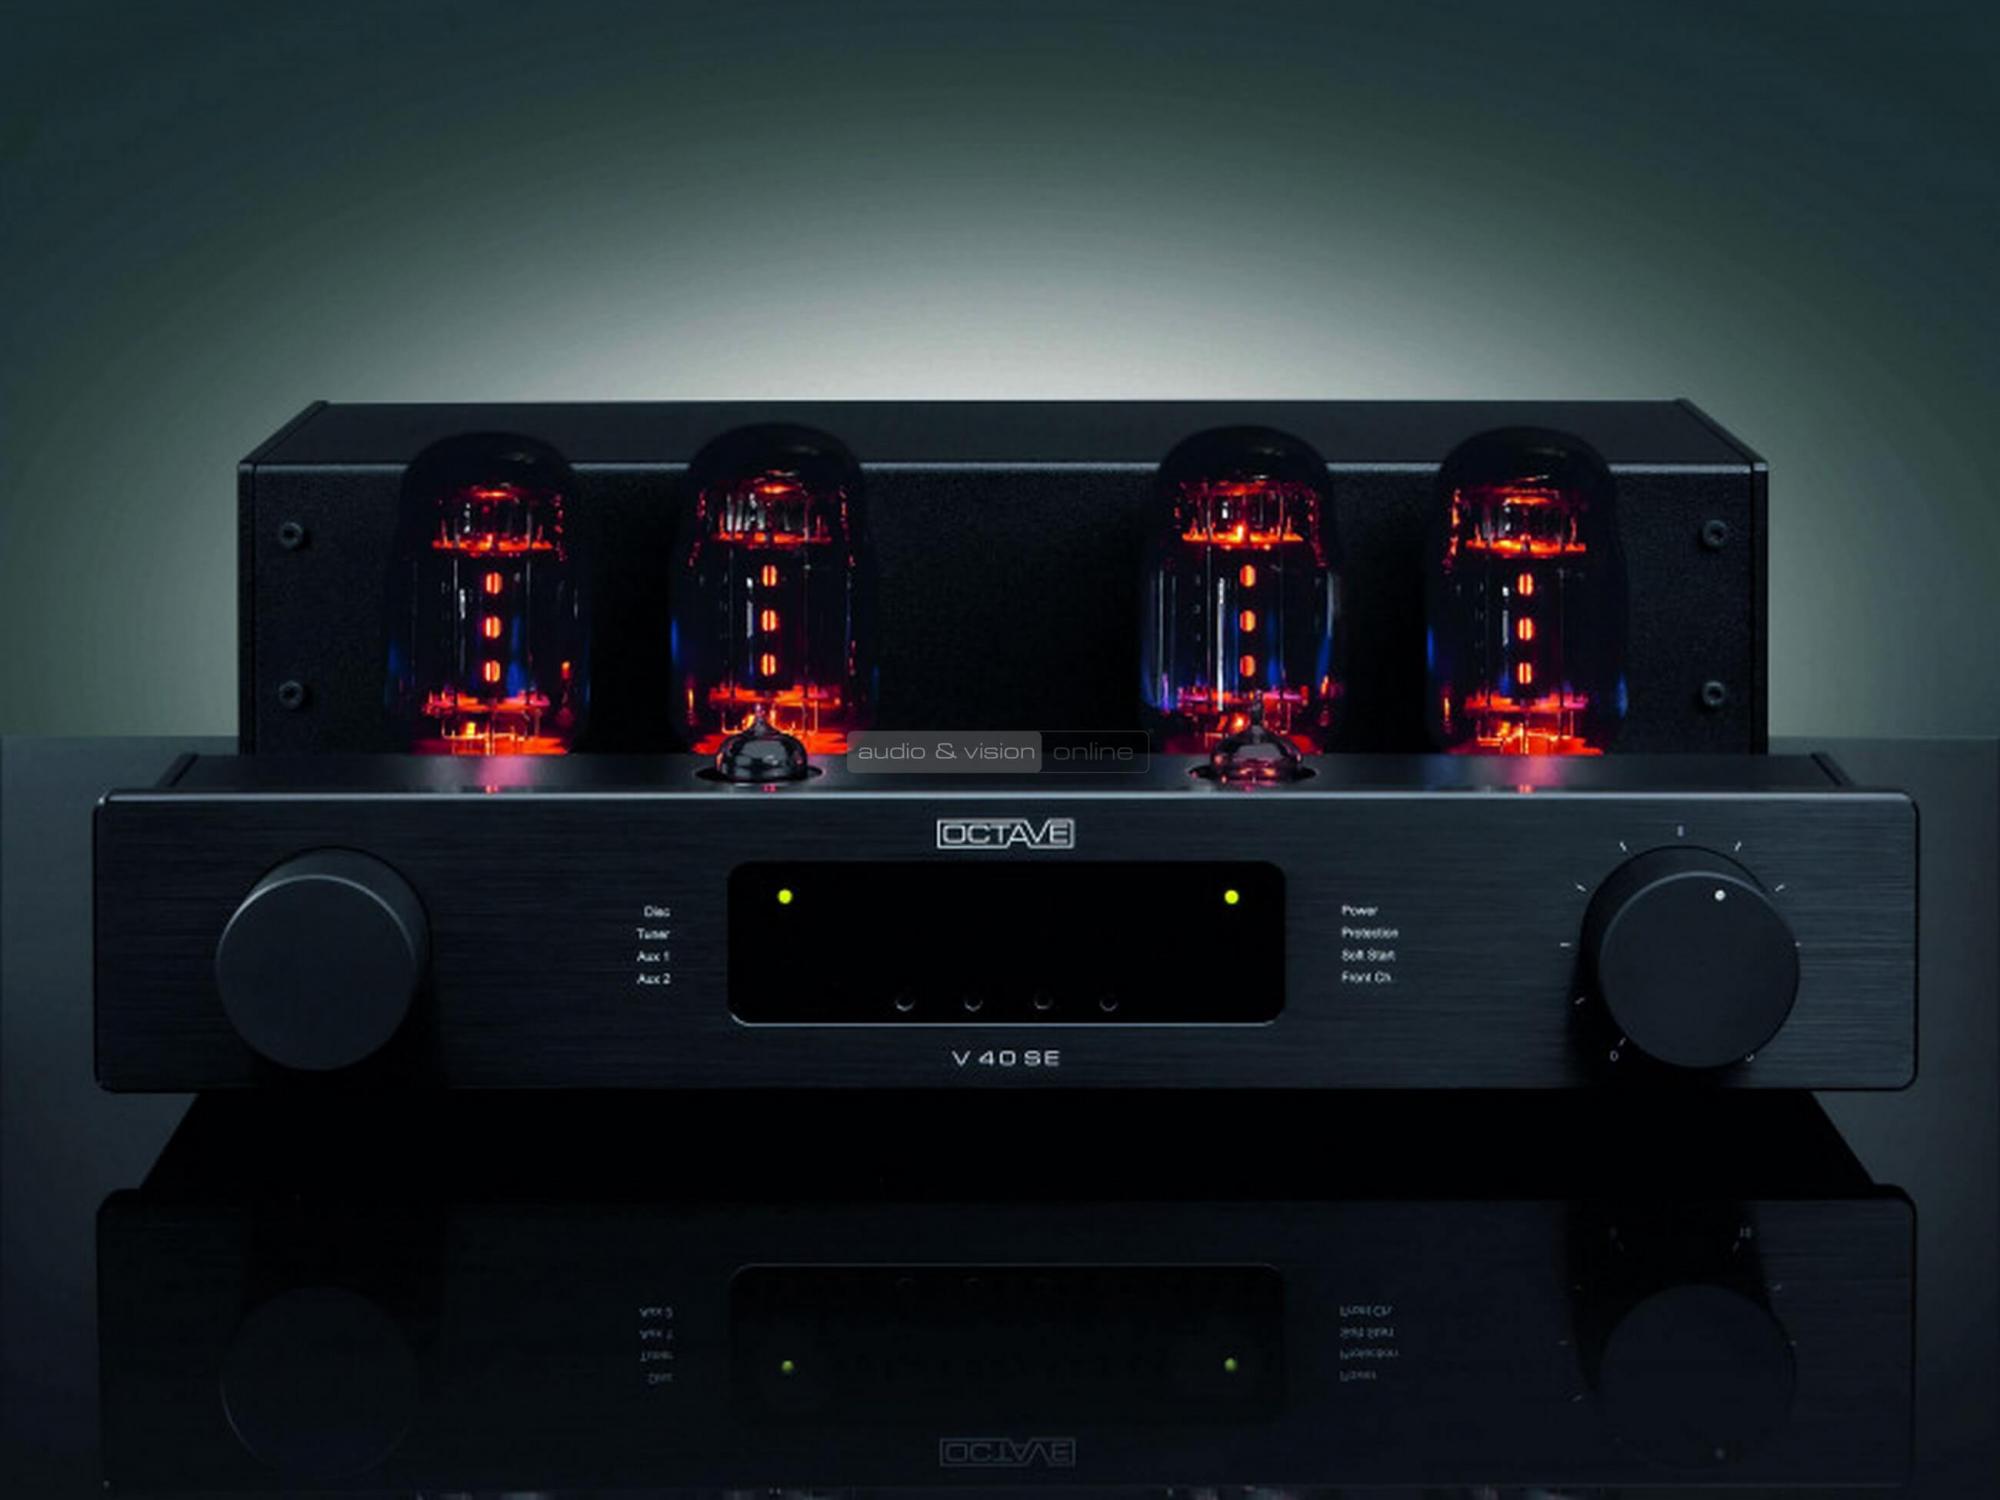 Octave Audio V40 elektroncsöves erősítő teszt - av-online